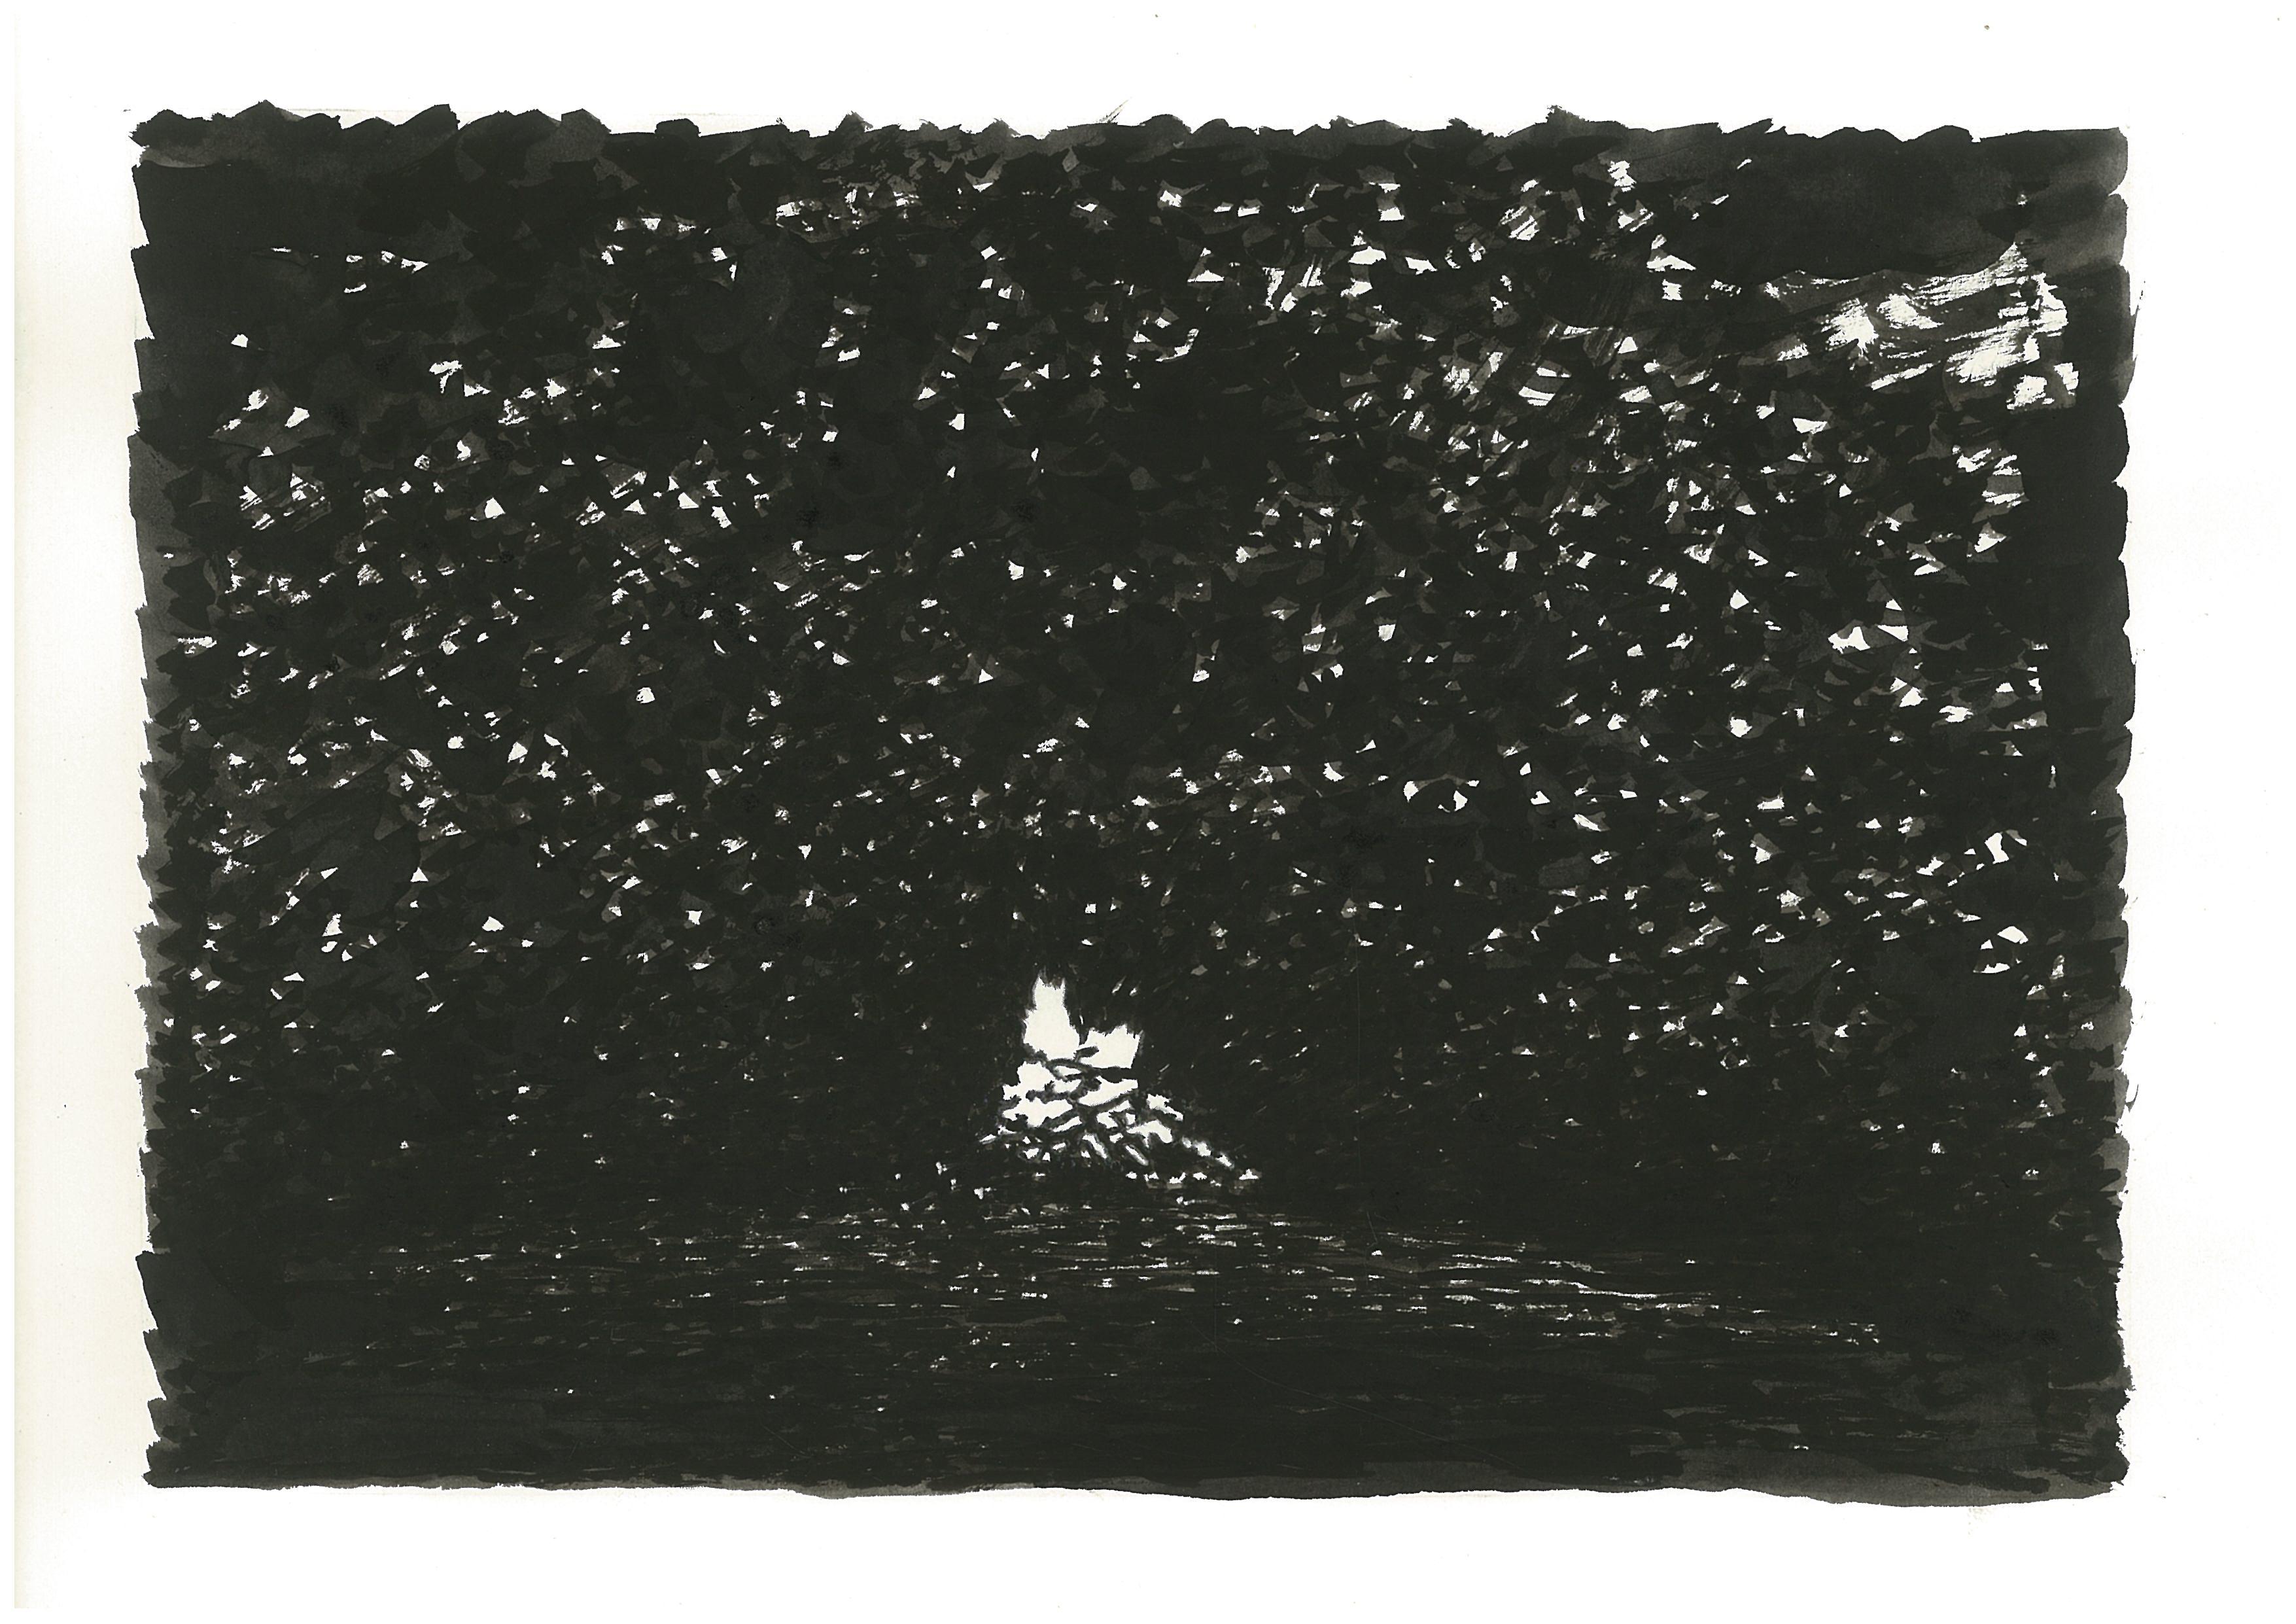 백기완 소장이 경향신문에 연재했던 '하얀 종이배'에 함께 실렸던 신학철 화백의 그림.(모닥불)